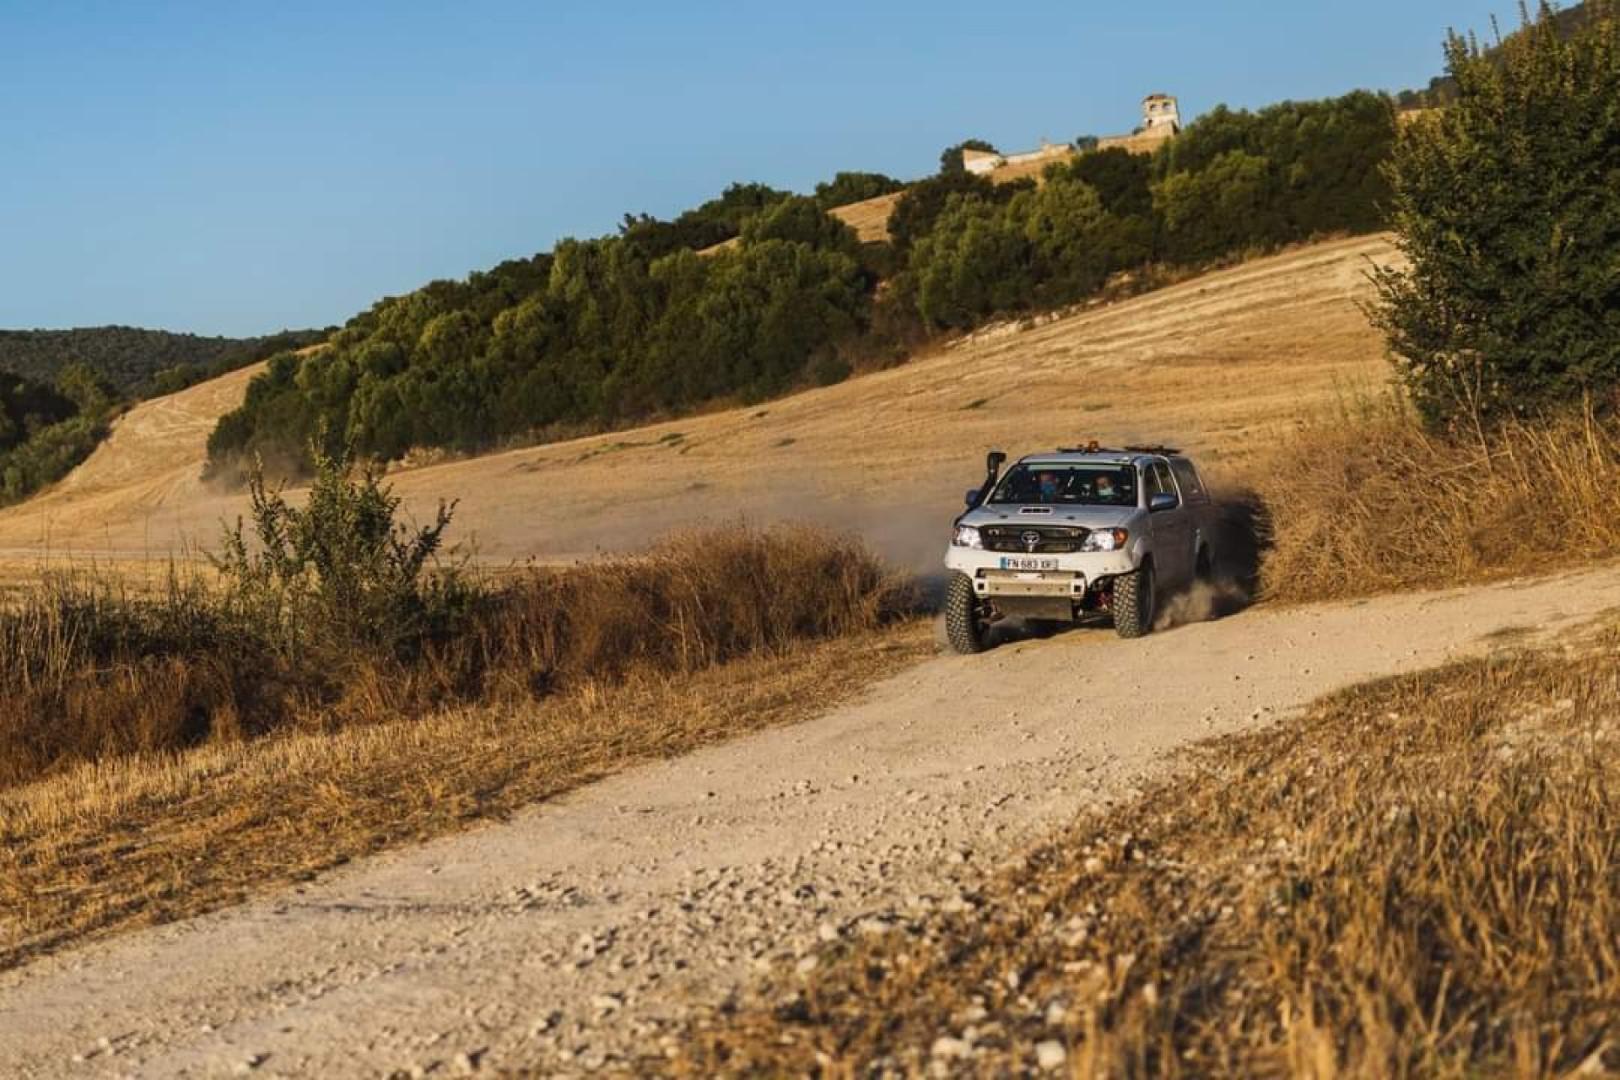 Andalucia Rally 2020: La liste des engagés dévoilée